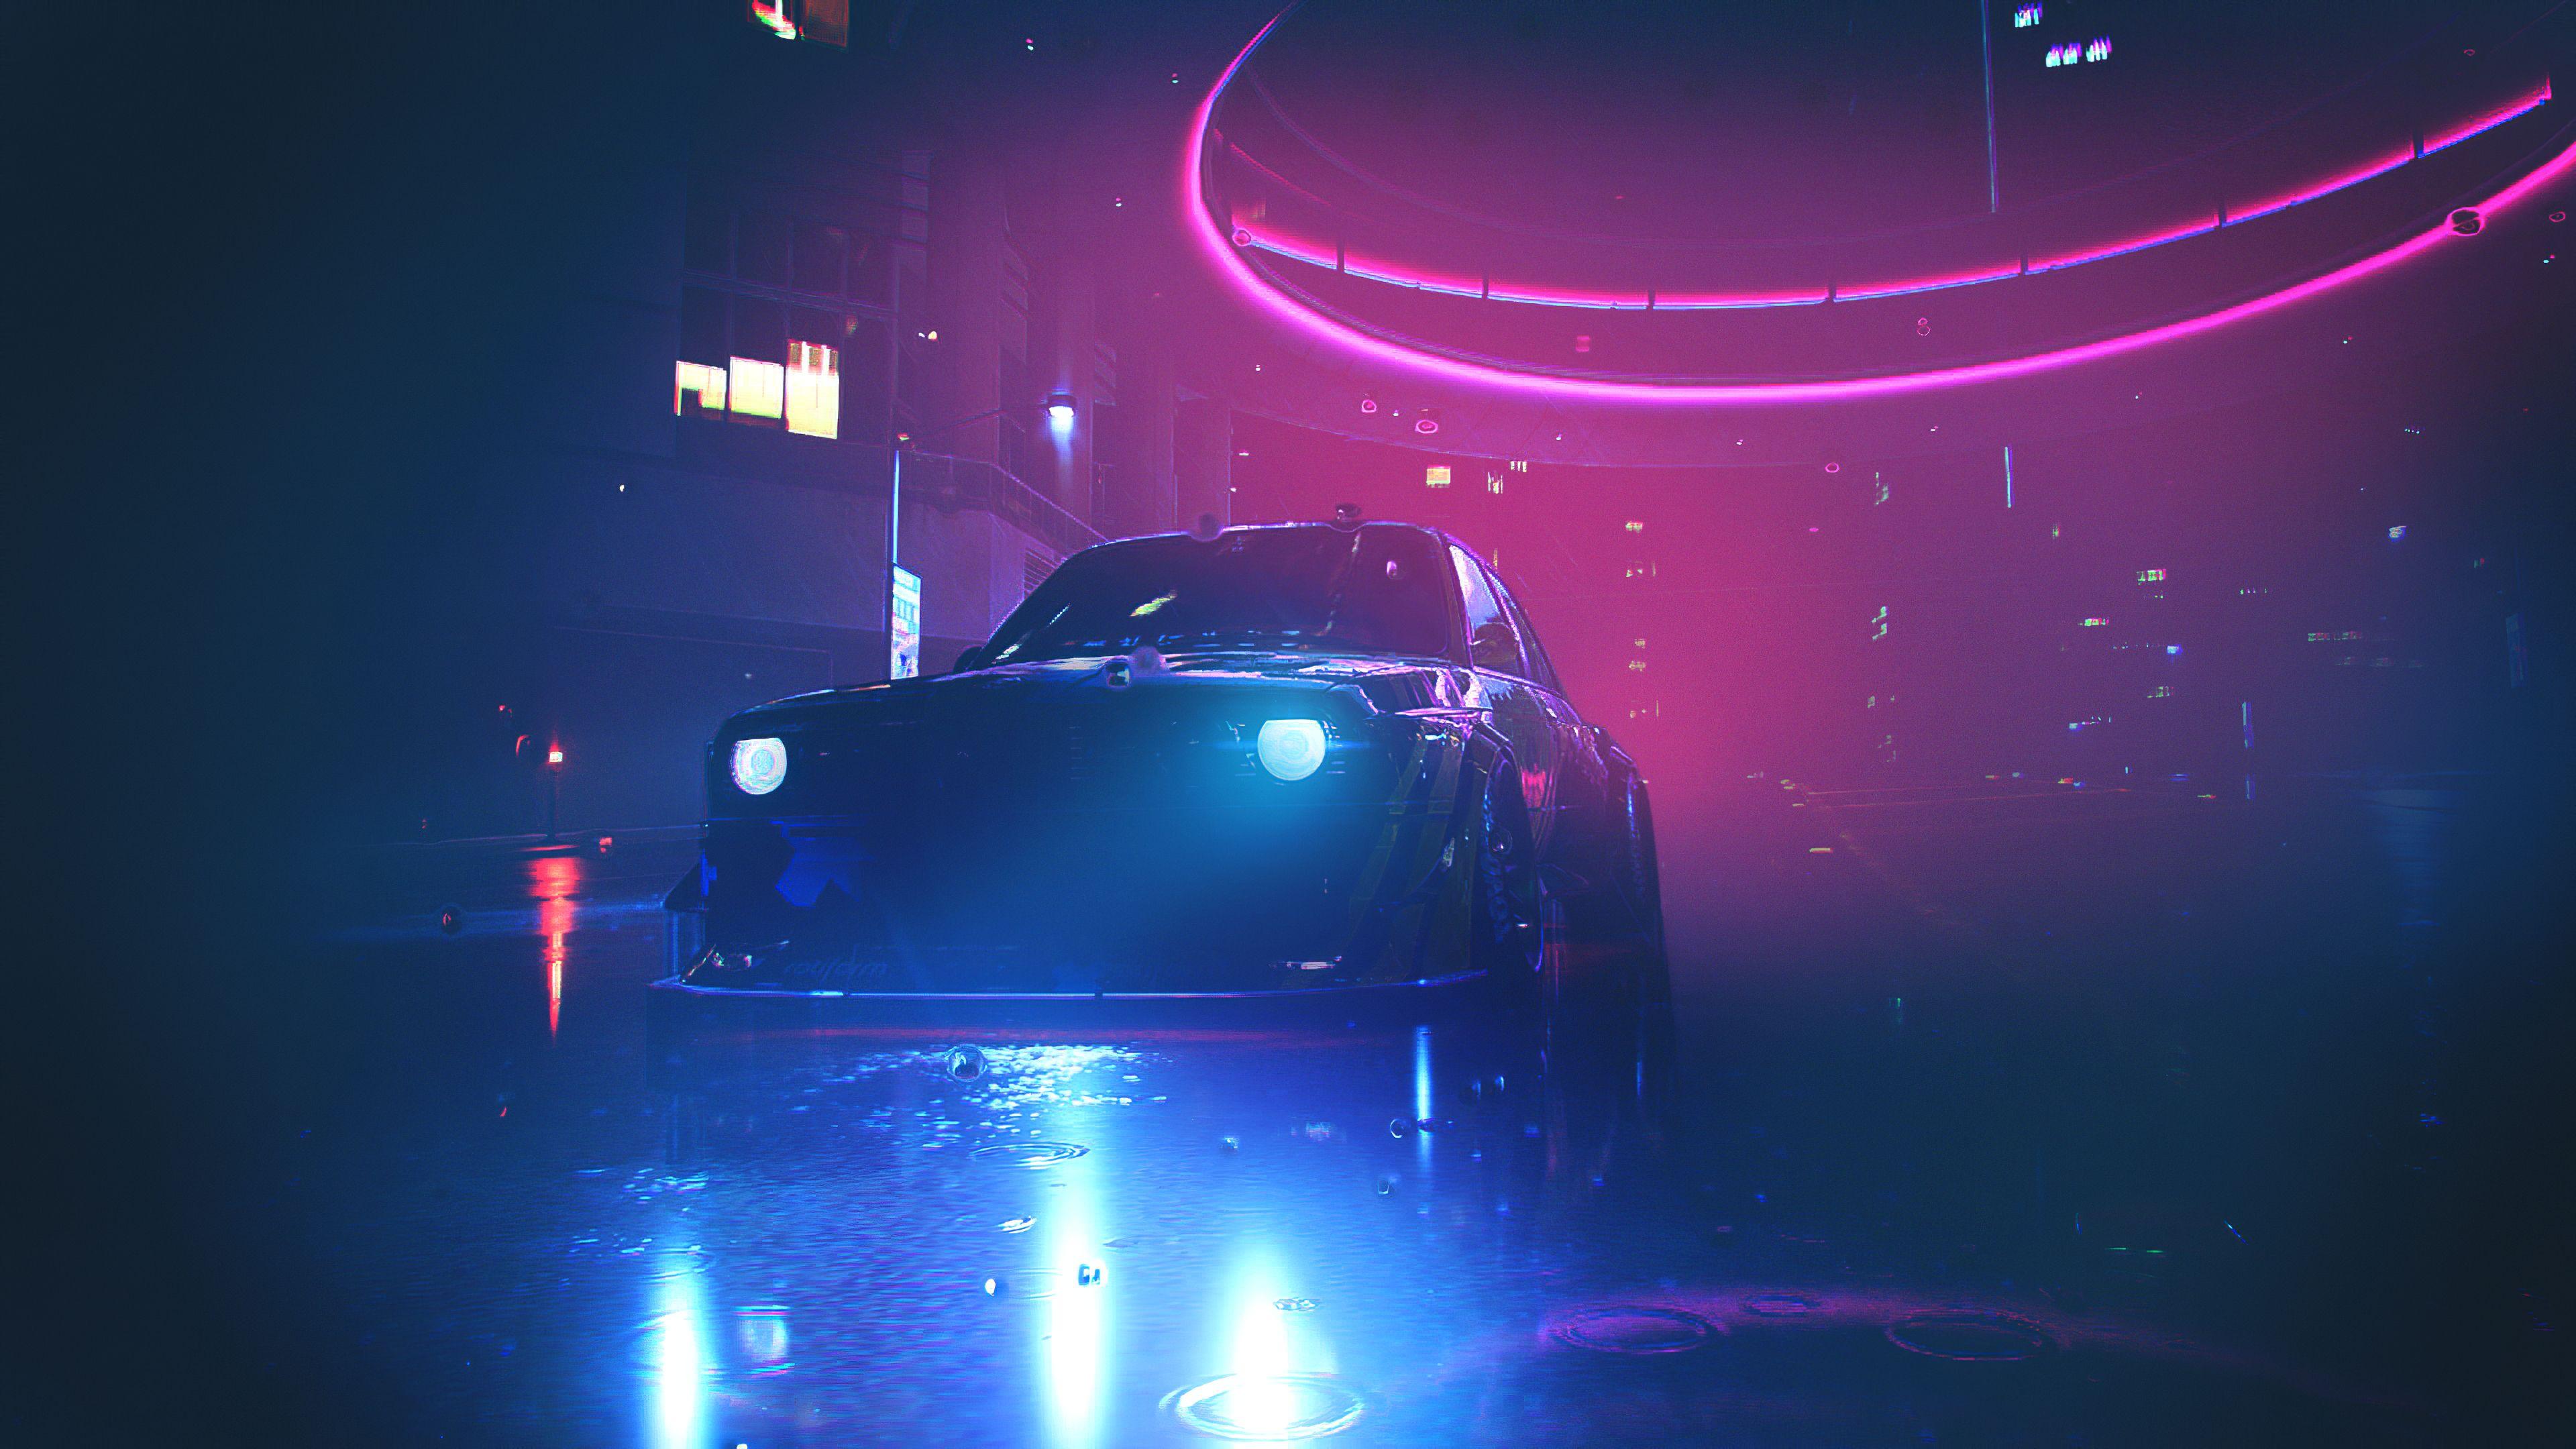 Nfs Heat Bmw M3 Neon Lights Nfs Heat Bmw M3 Wallpapers Nfs Heat Bmw M3 Neon Lights Wallpapers 4k Nfs Heat Bm In 2021 Neon Light Wallpaper Neon Lighting Lit Wallpaper